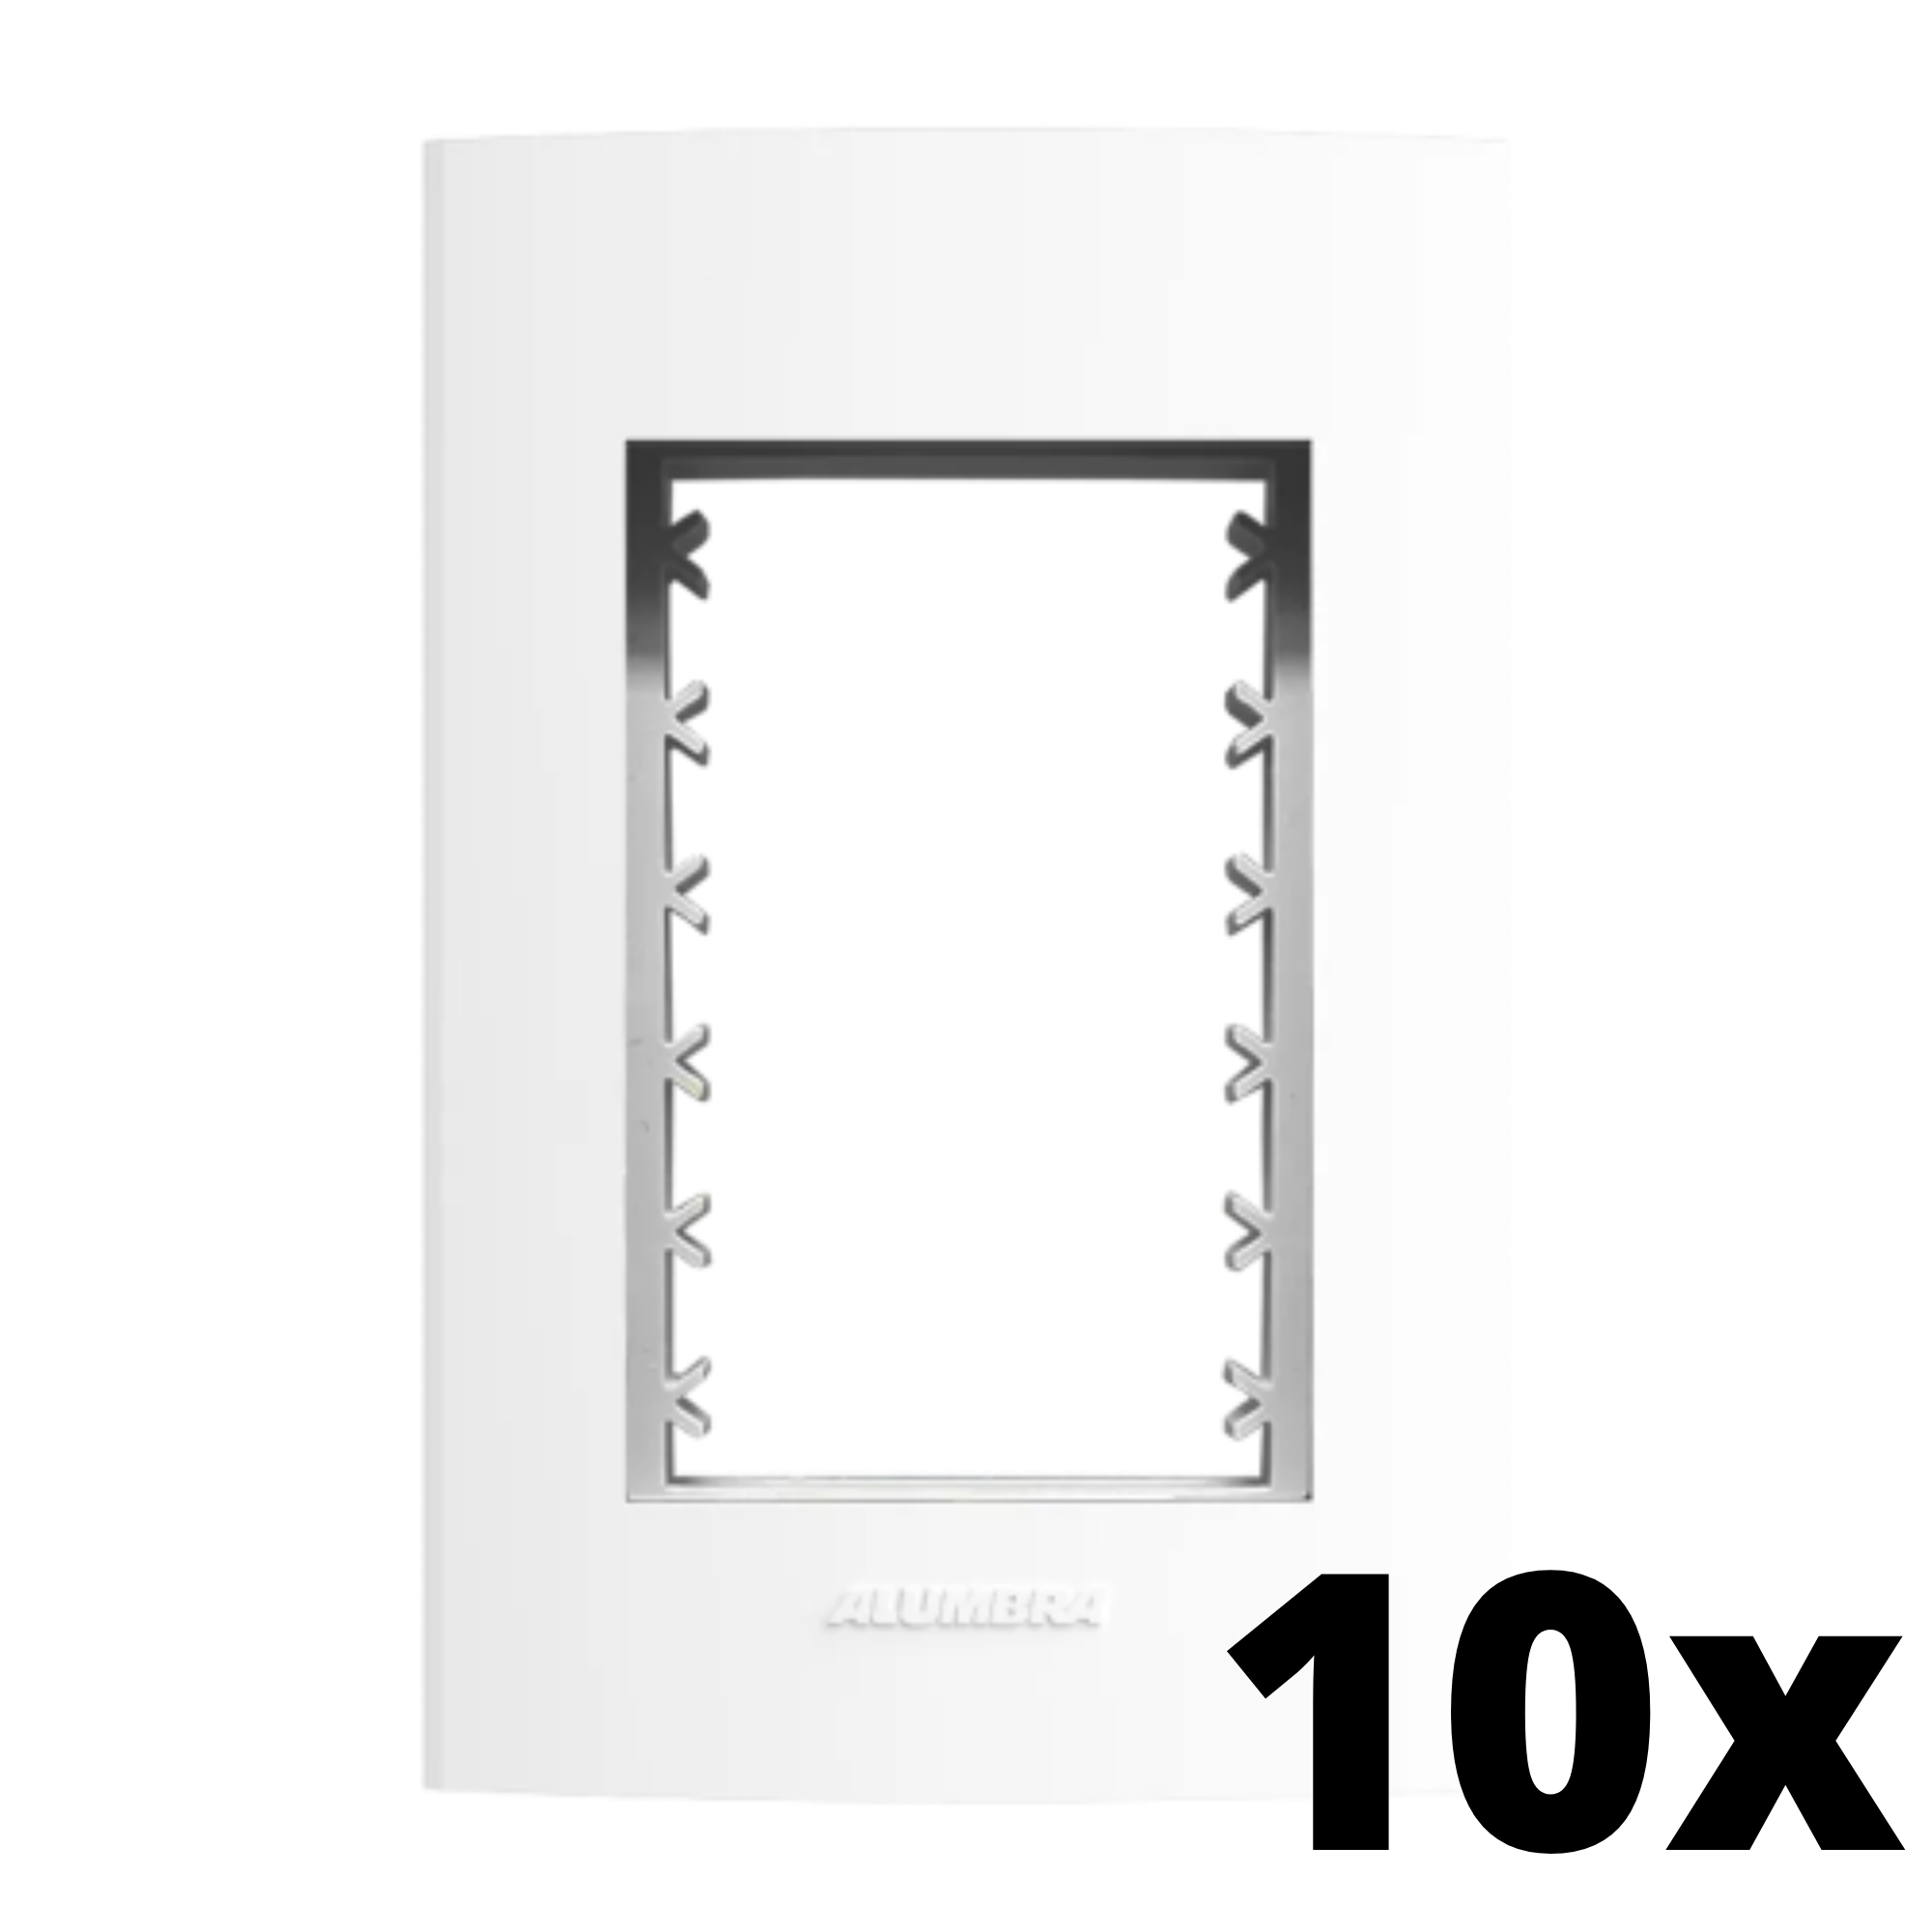 Kit 10 und Inova Pró Placa 4x2 3 Seções